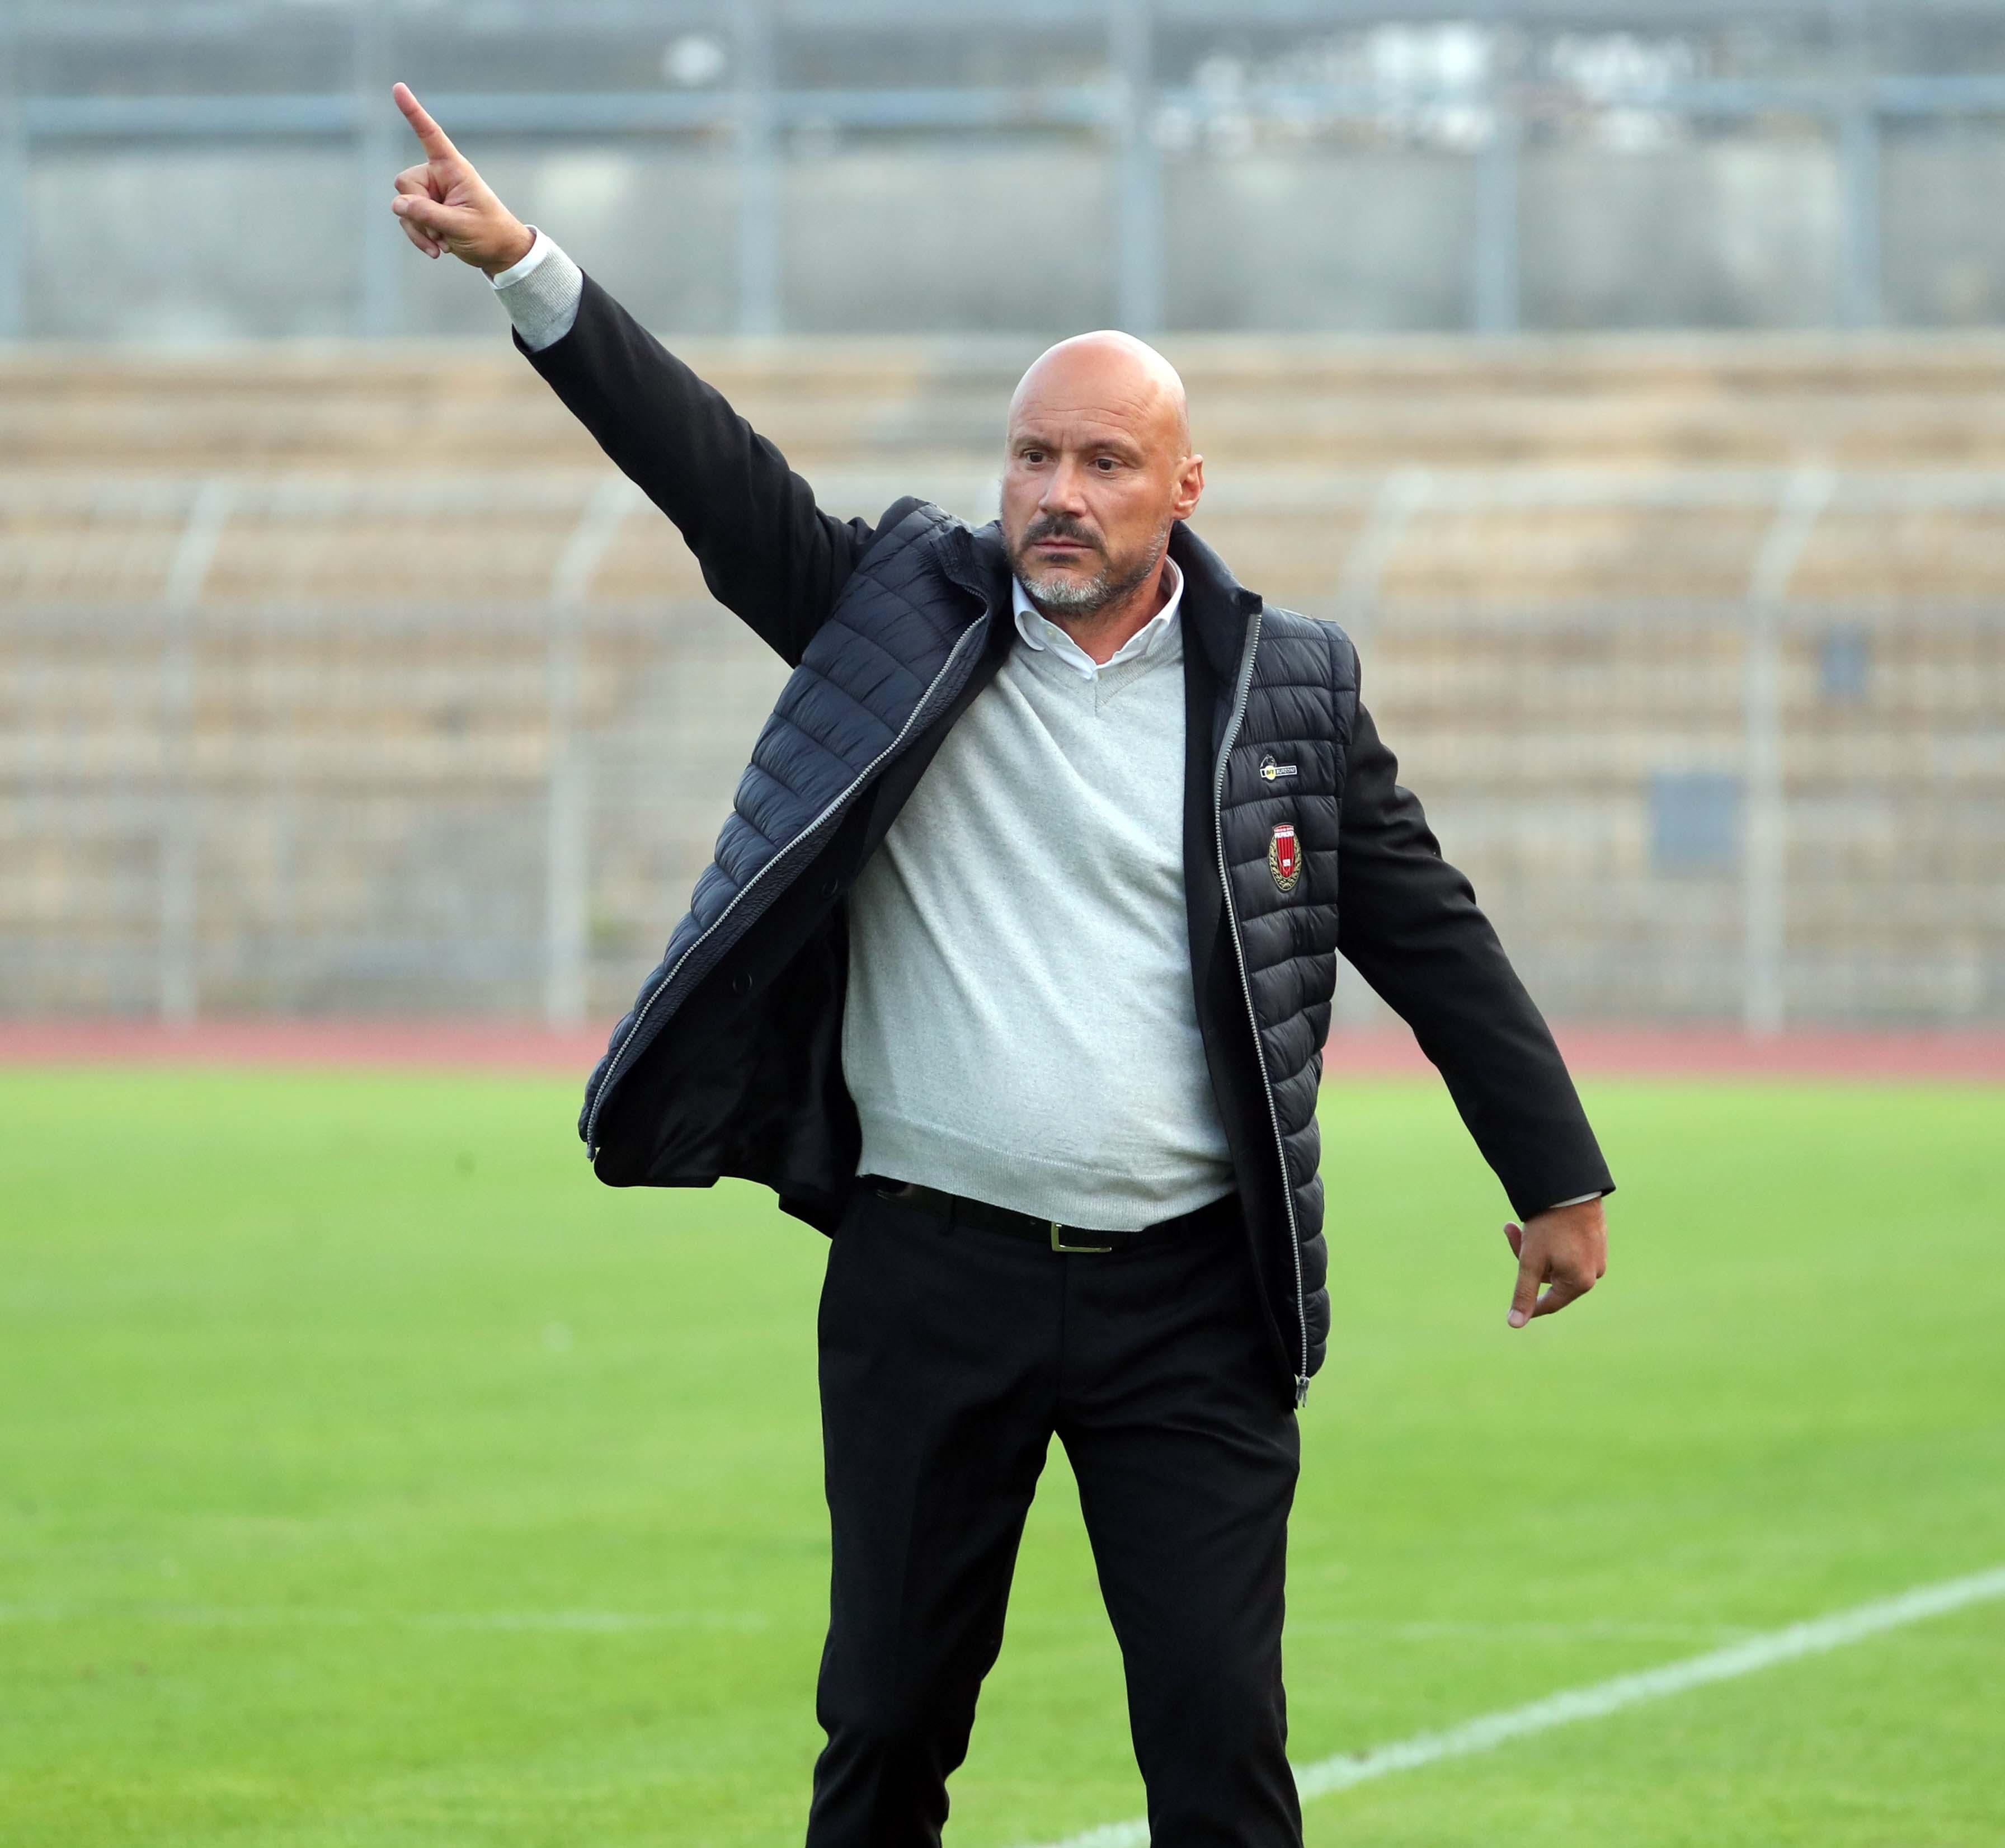 Il Pro centra due pali il Livorno sigla tre reti rossoneri nei guai